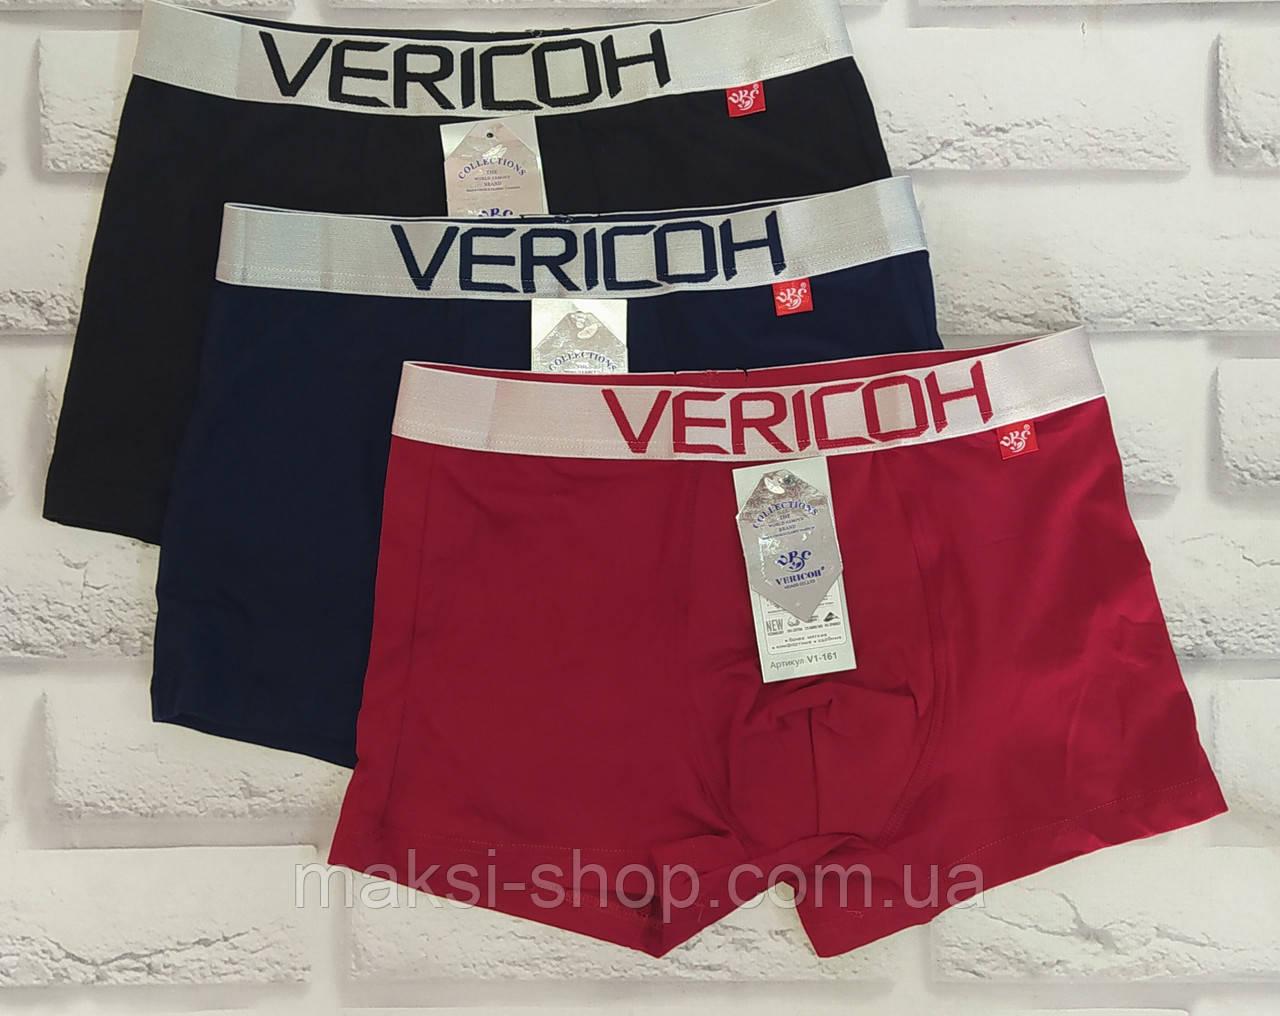 Трусы мужские боксеры Vericon L раз бамбук (V-060)